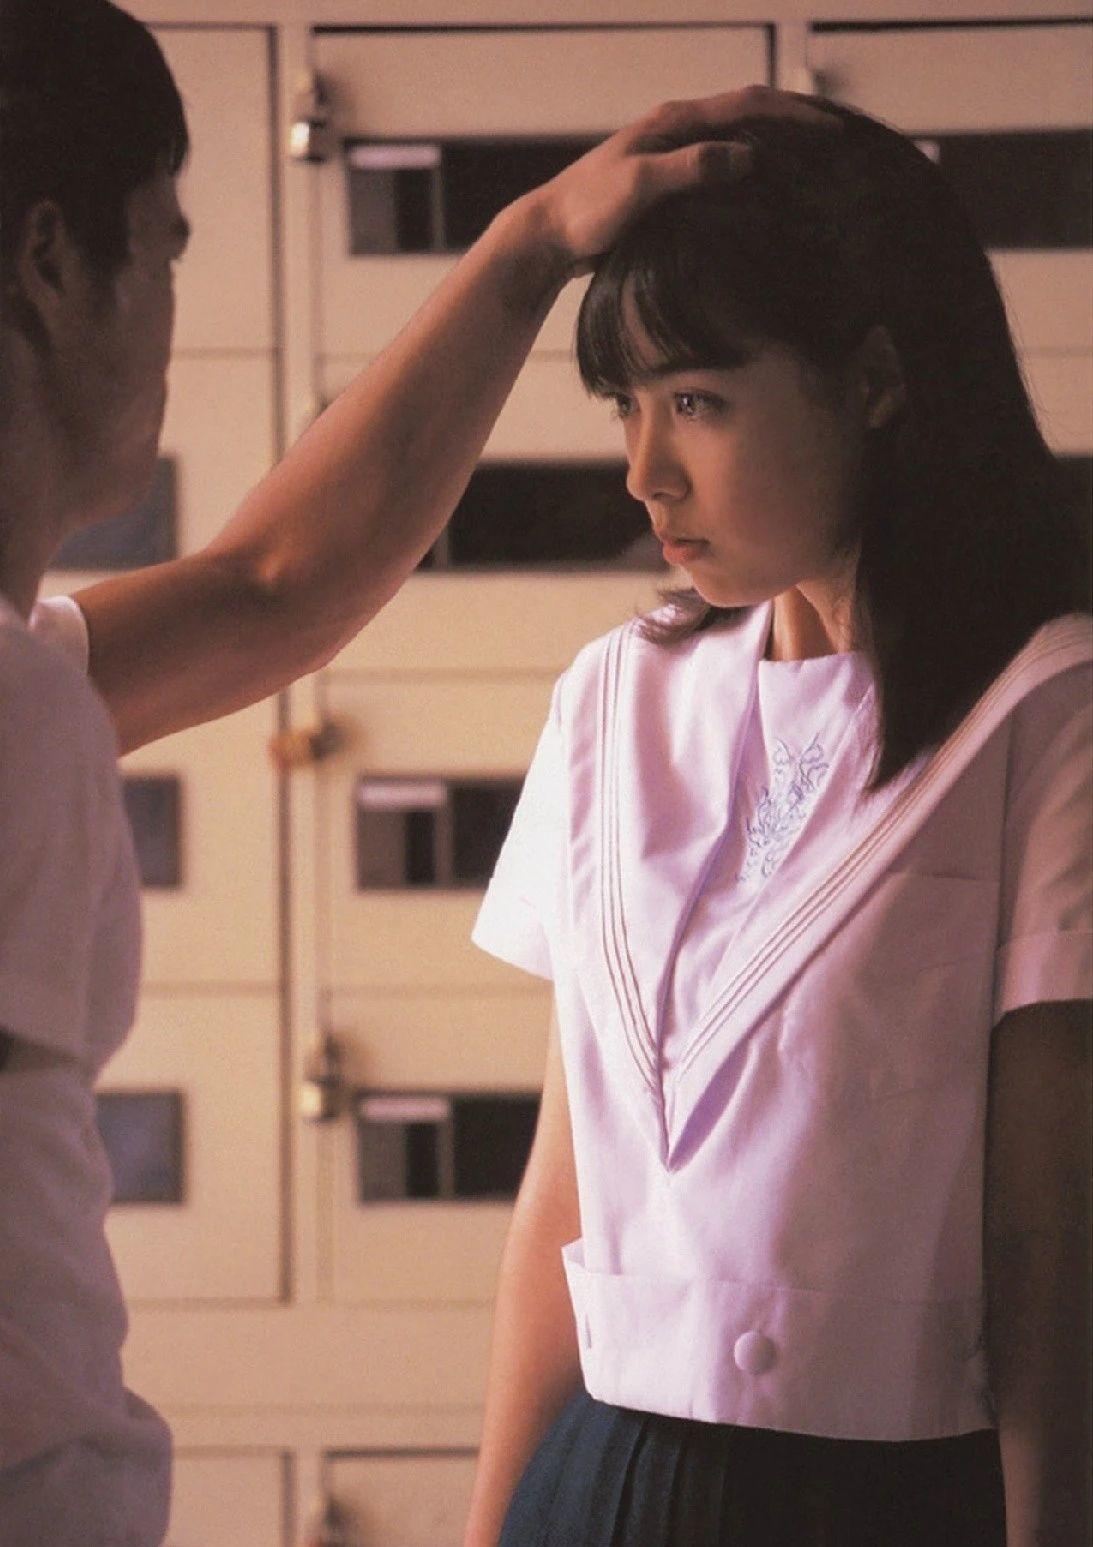 被锁在保险柜里的日本艺人吹石一惠的写真作品 (2)